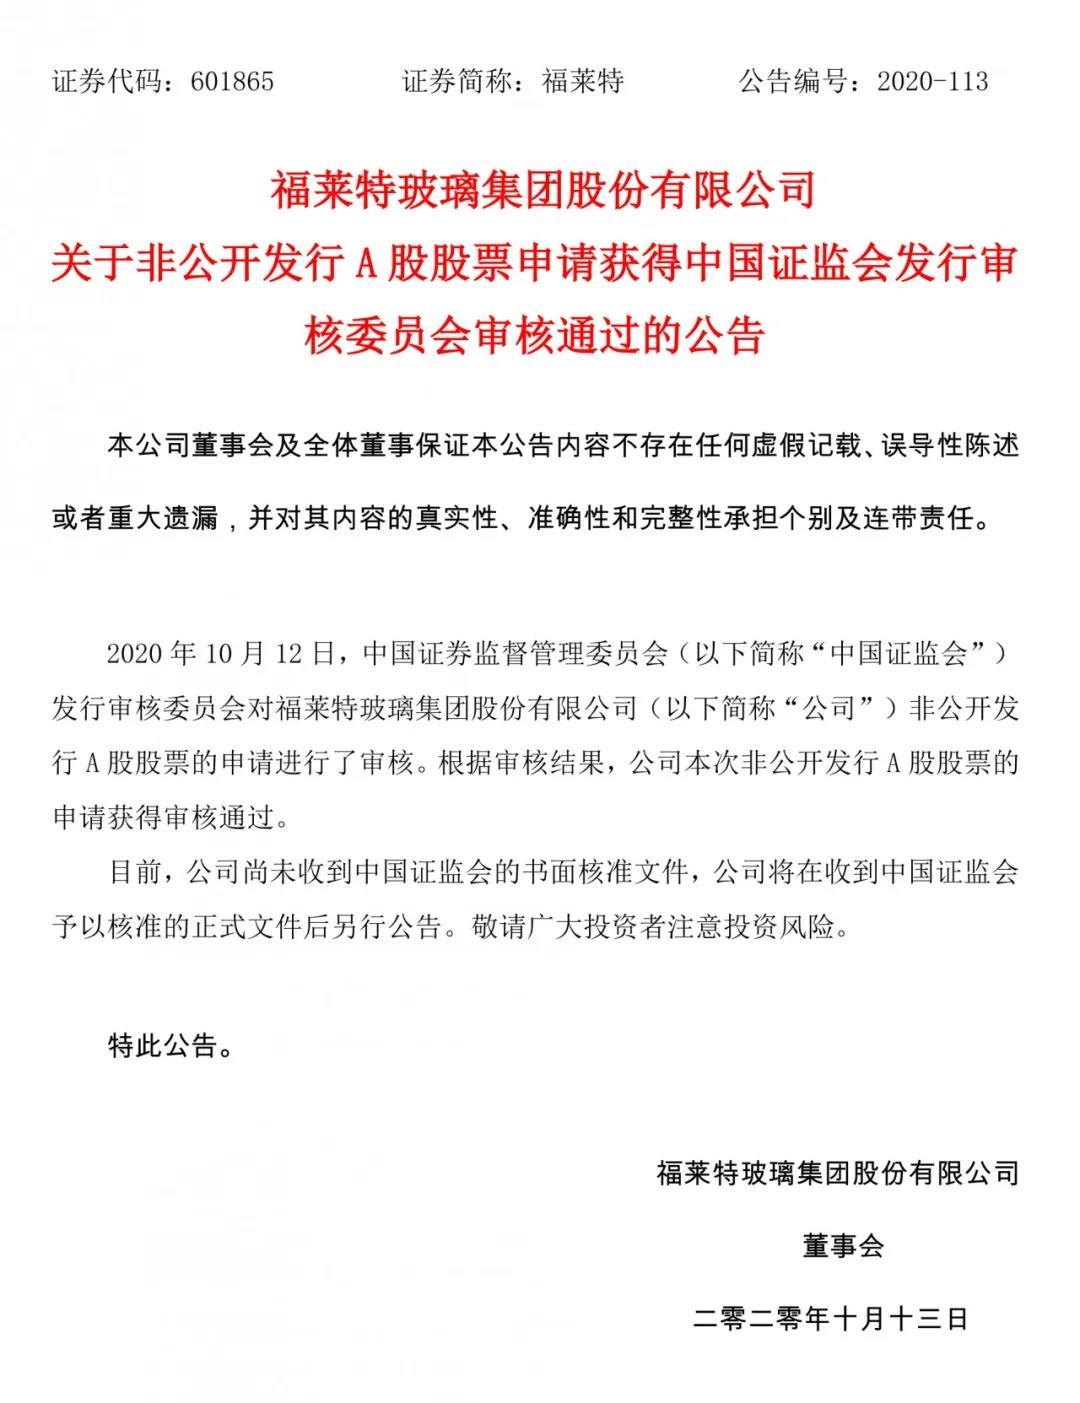 福莱特玻璃:发审委通过非公开发行A股申请